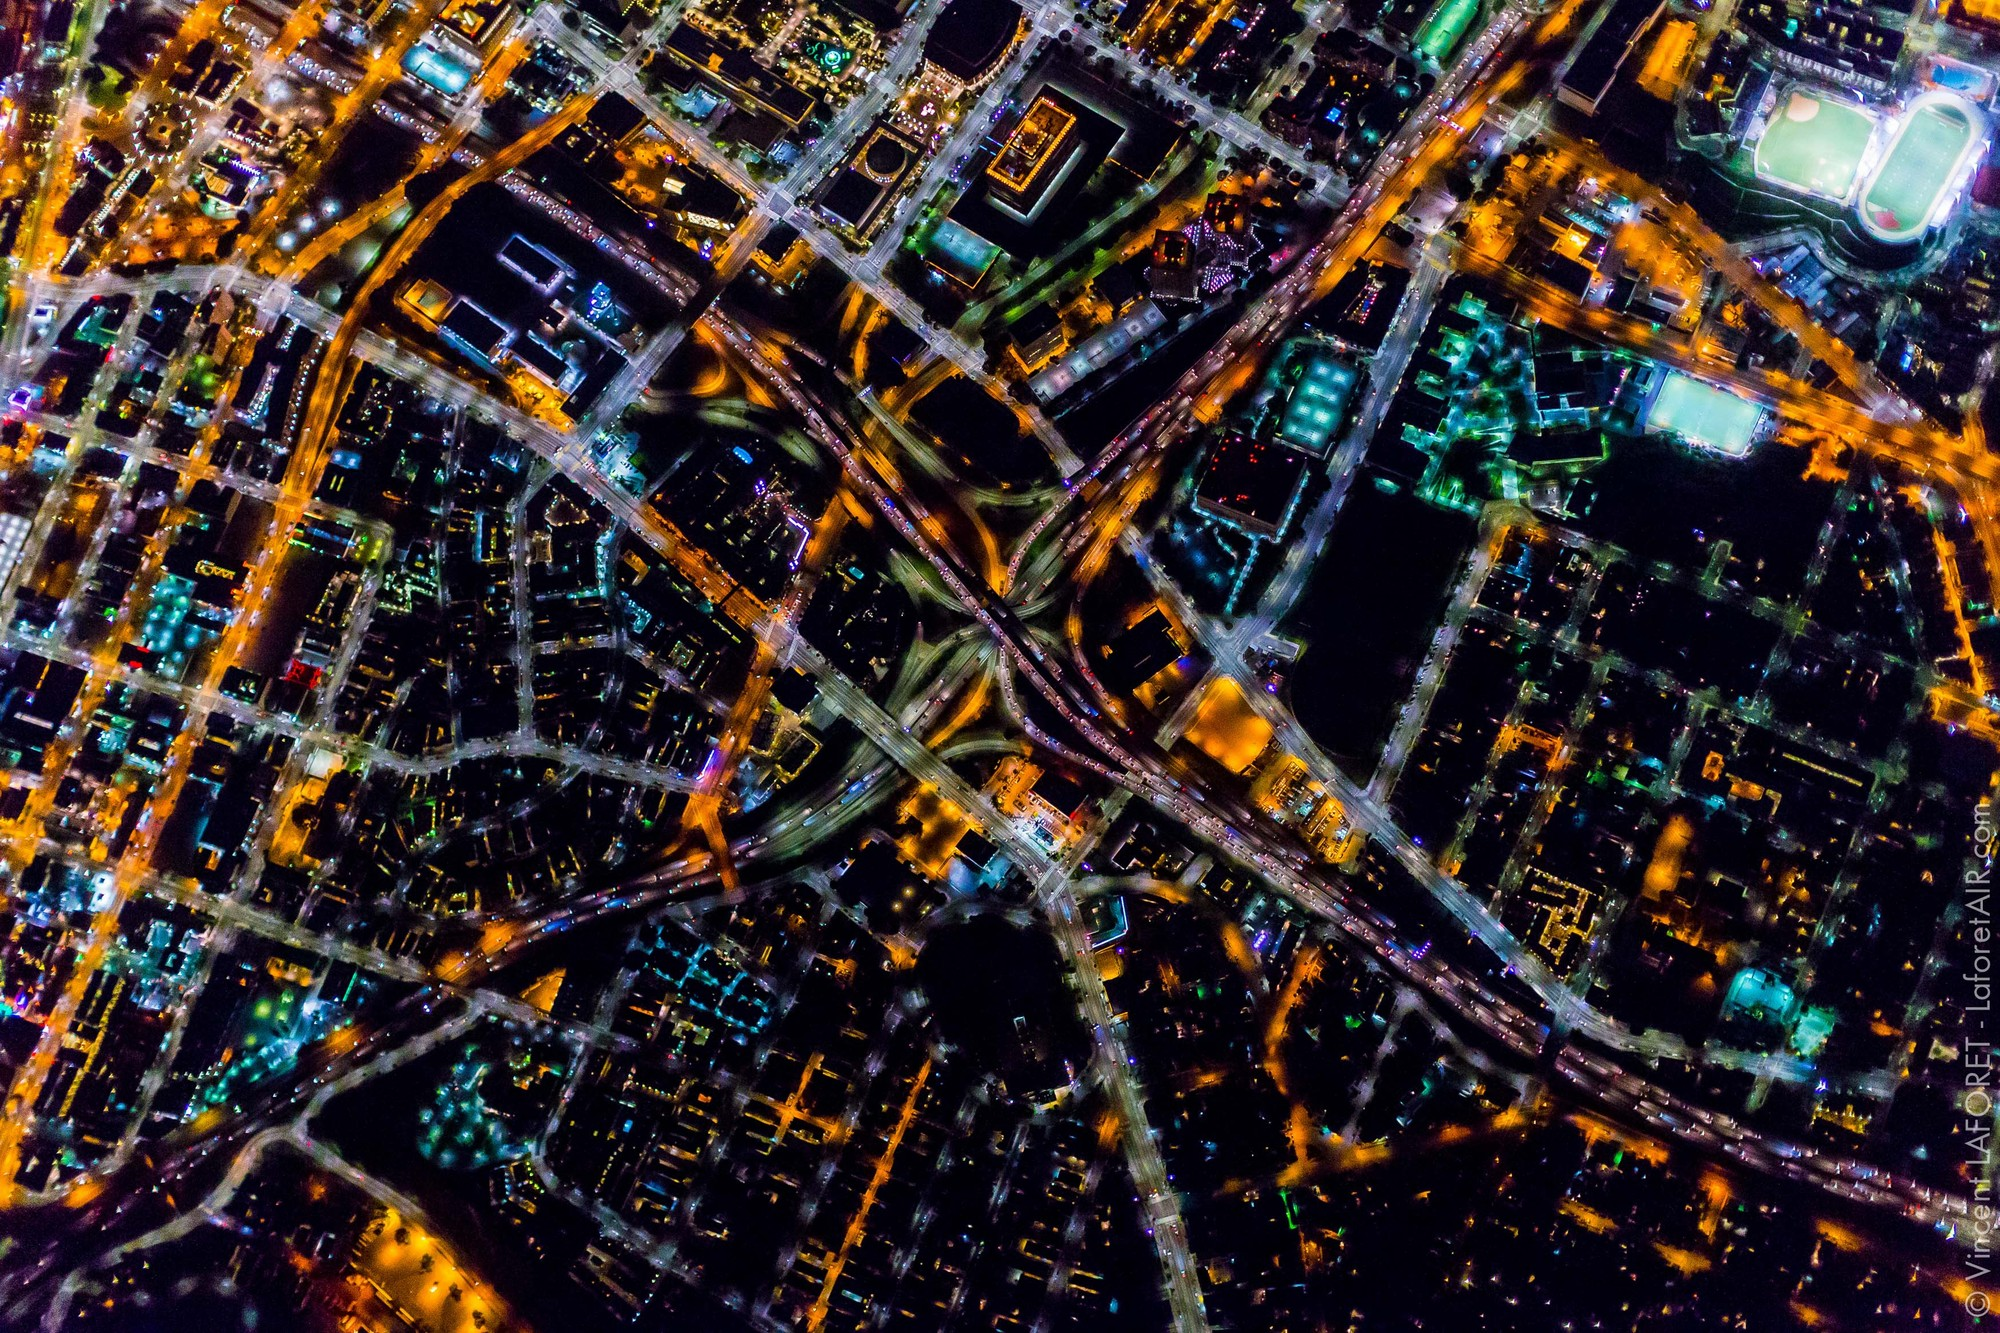 Fotografias aéreas de Los Angeles, por Vincent Laforet, © Vincent Laforet